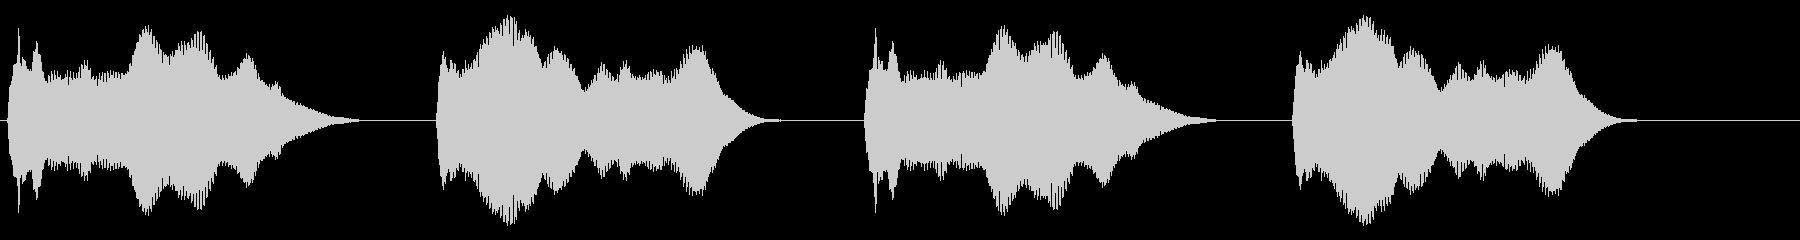 警報(立体的)の未再生の波形